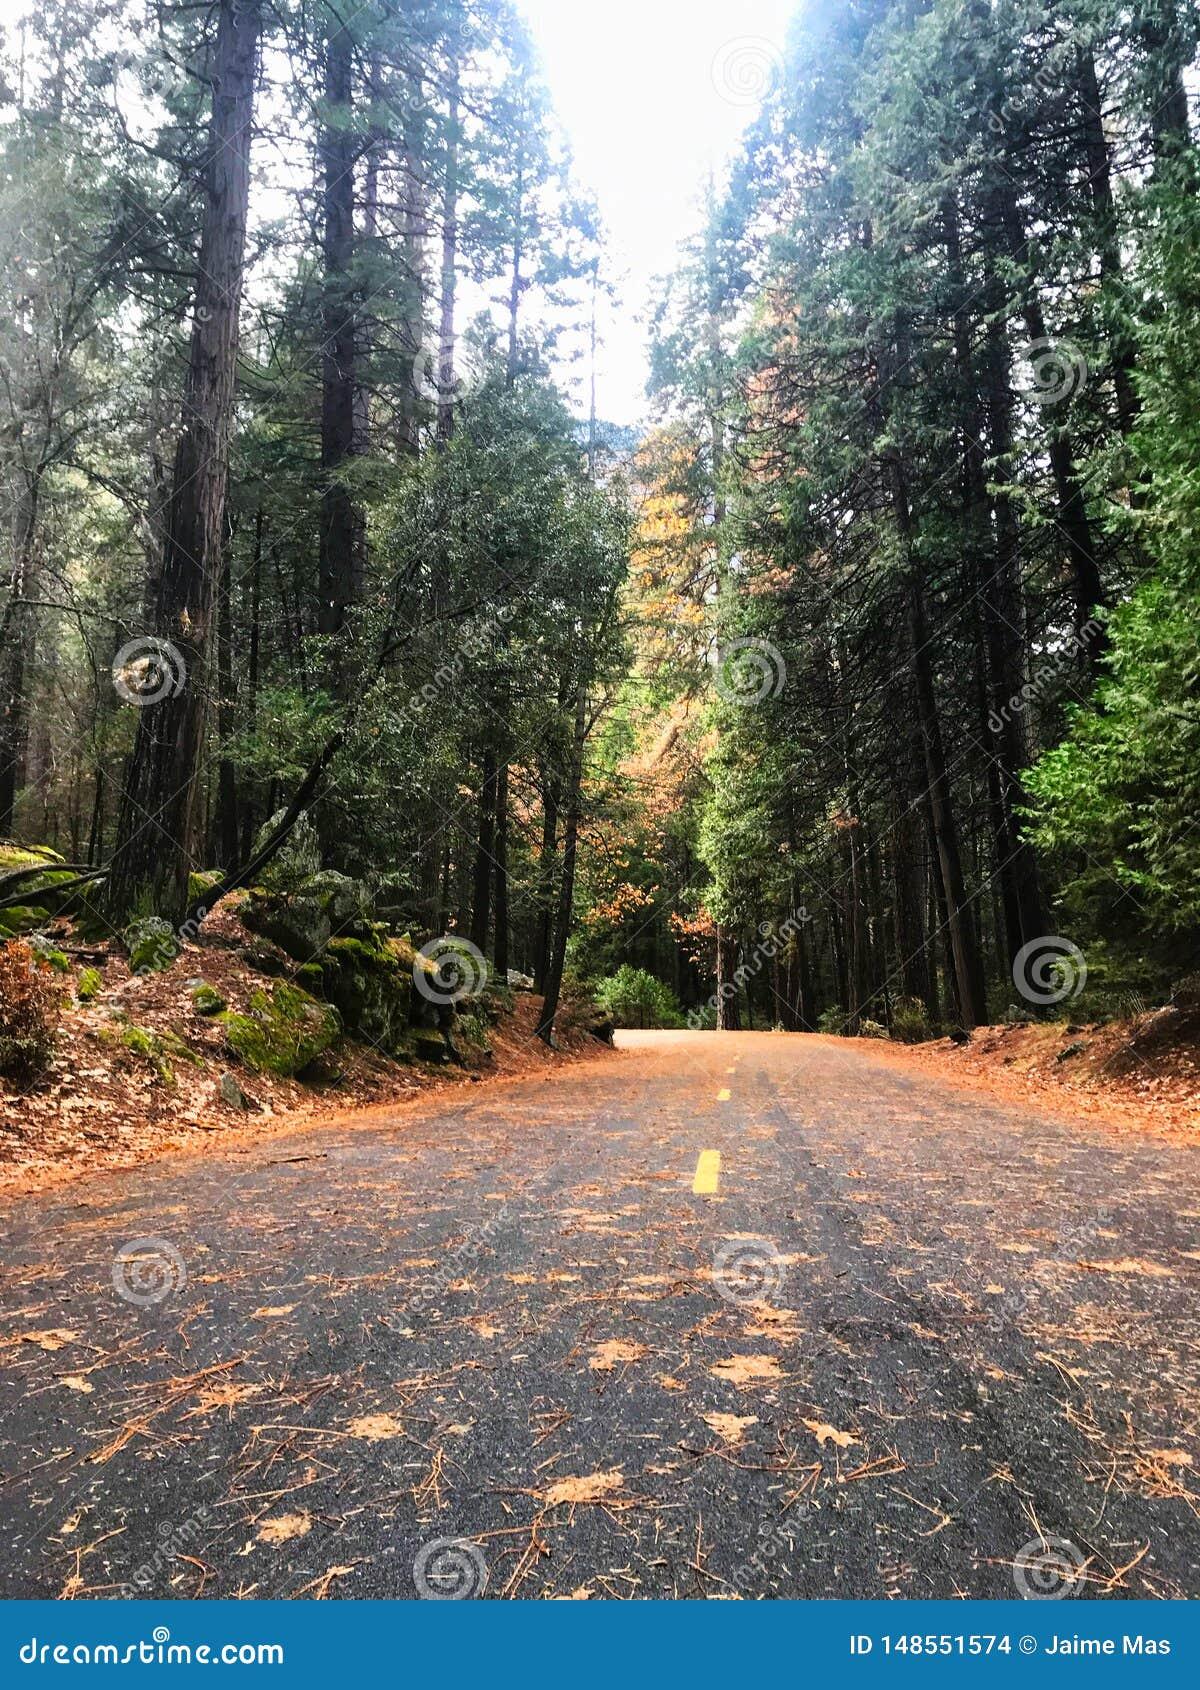 wild road and nature at yosemite natural park